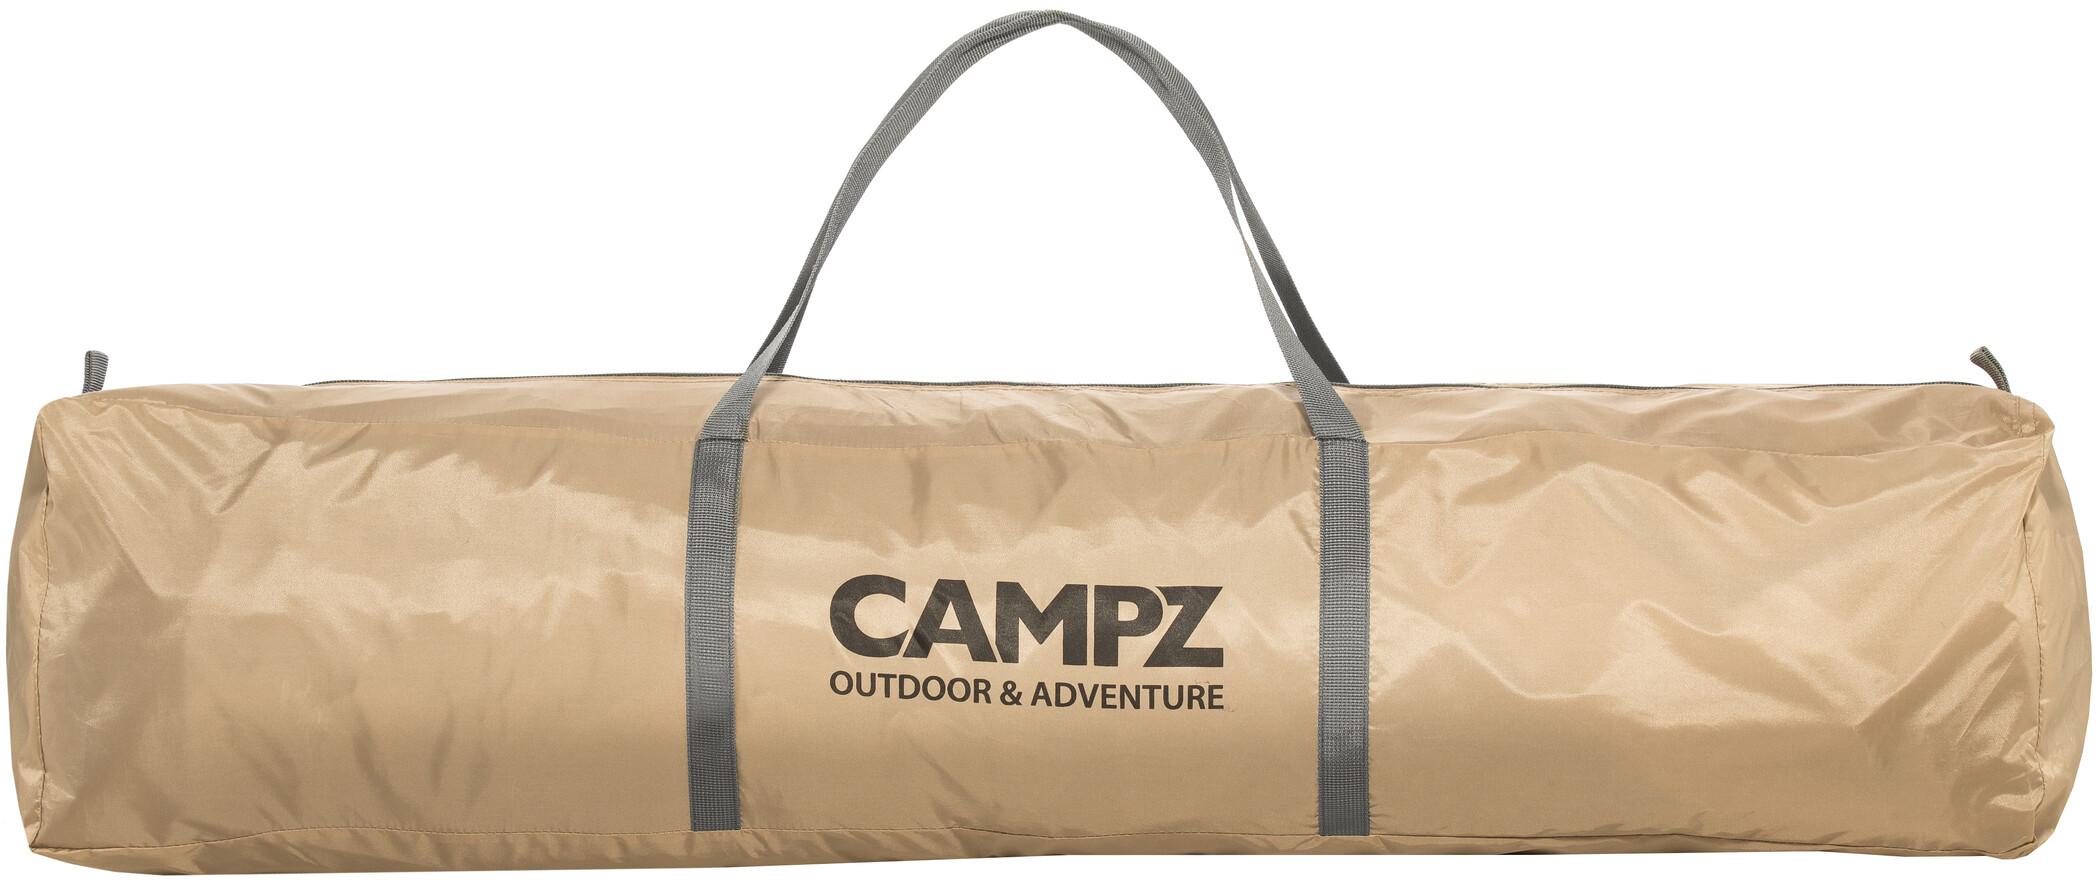 CAMPZ Hexa OT 3P Zelt beigegrau |